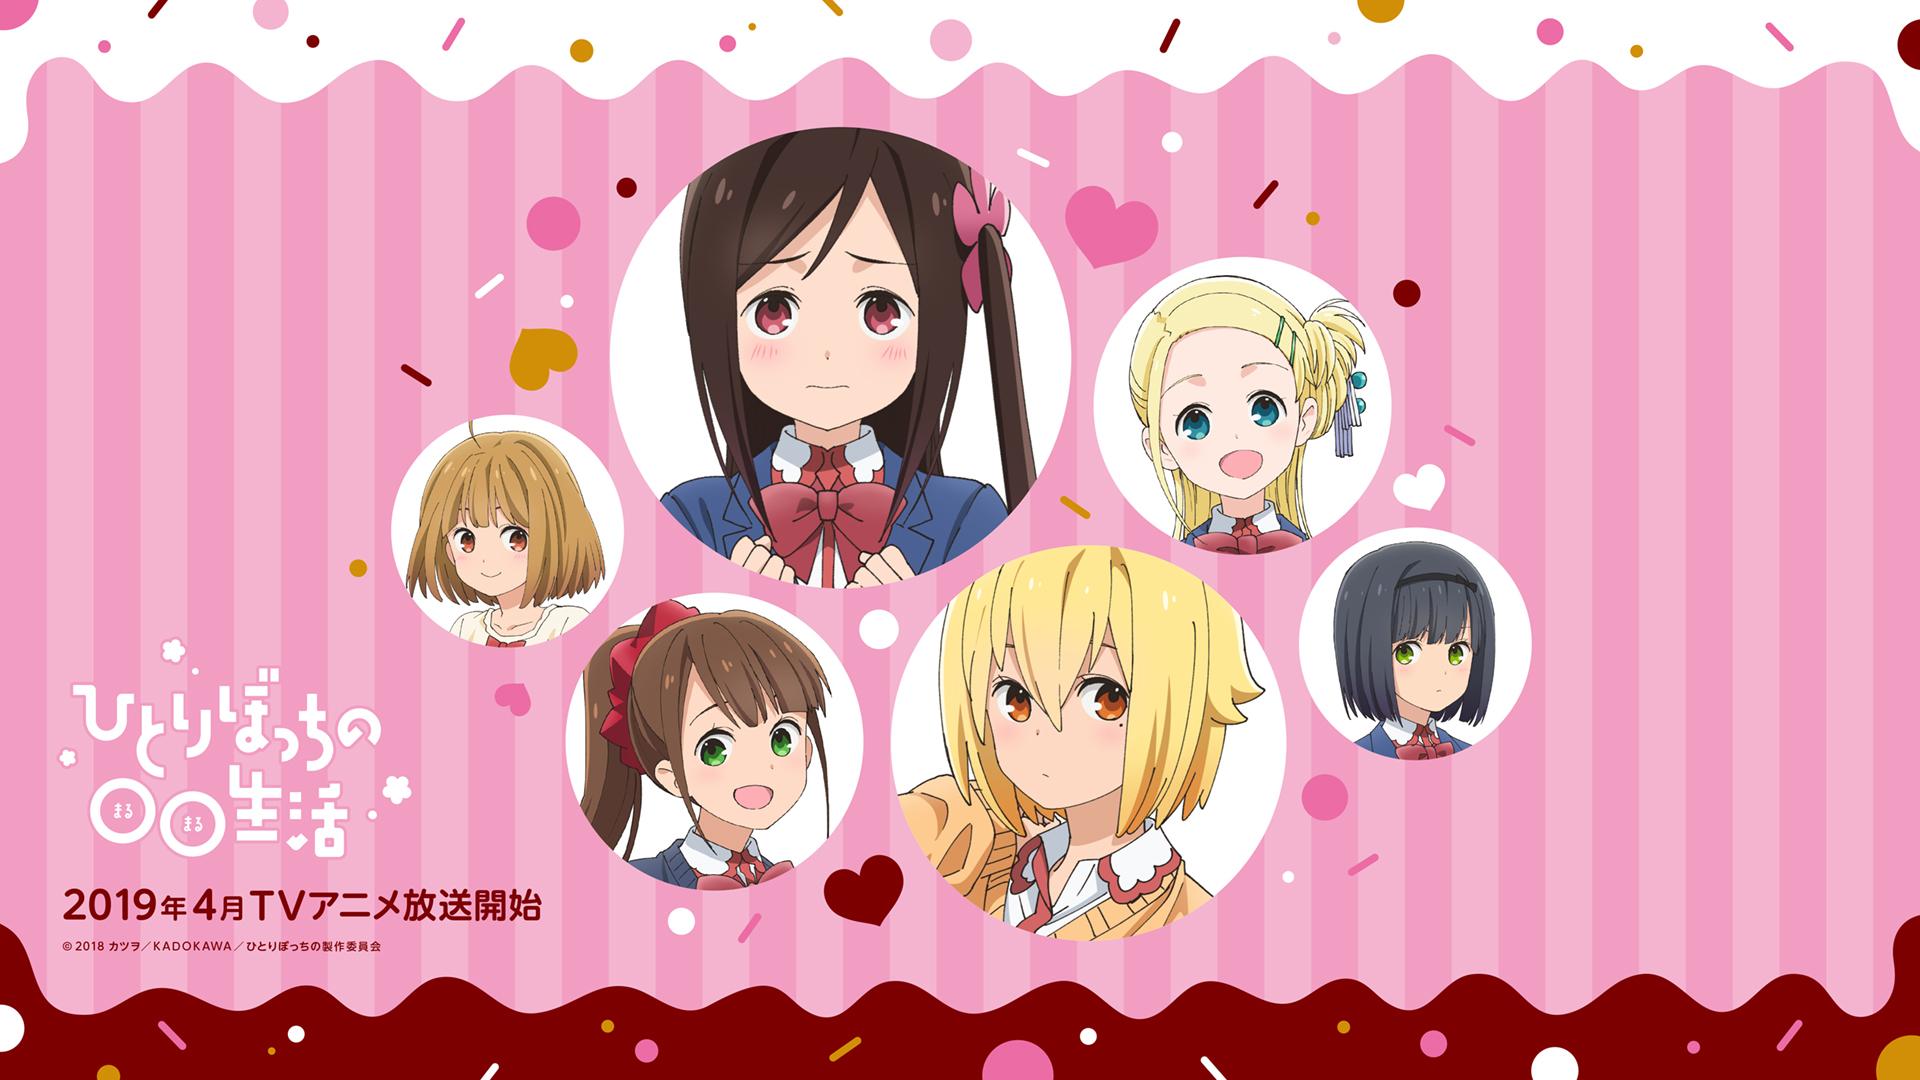 Hitoribocchi no Marumaru Seikatsu Episode 1-12 Subtitle Indonesia (Batch)